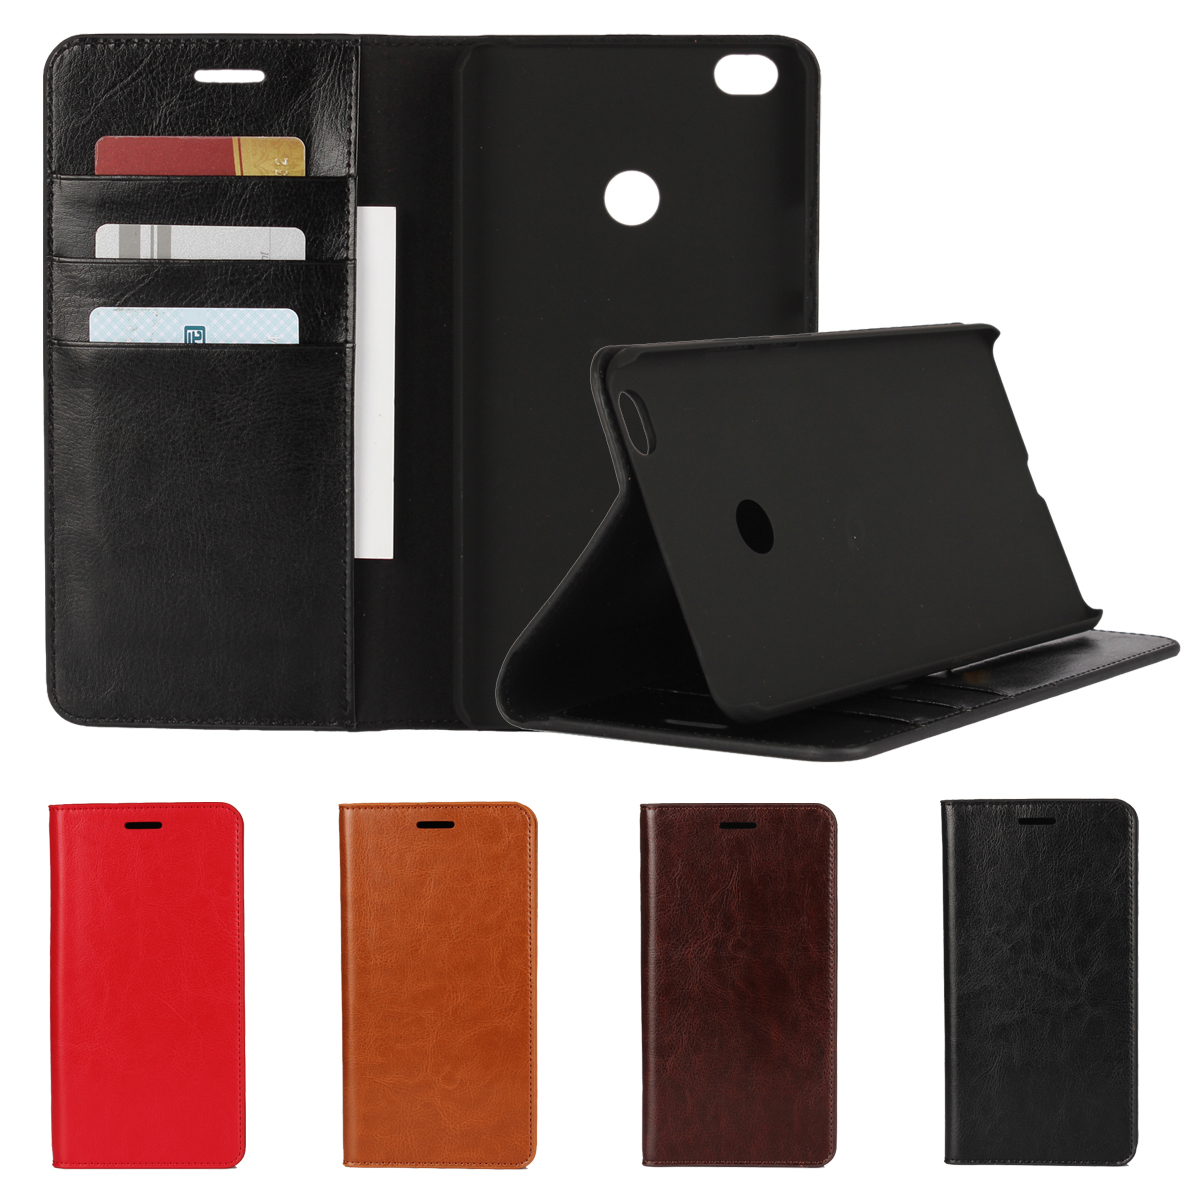 imágenes para Premium Funda de cuero de lujo Caja de la Carpeta Para Xiaomi mi Max Xiaomi mi Max 6.44 pulgadas Flip Cubierta Del Teléfono Bolsas envío Gratis